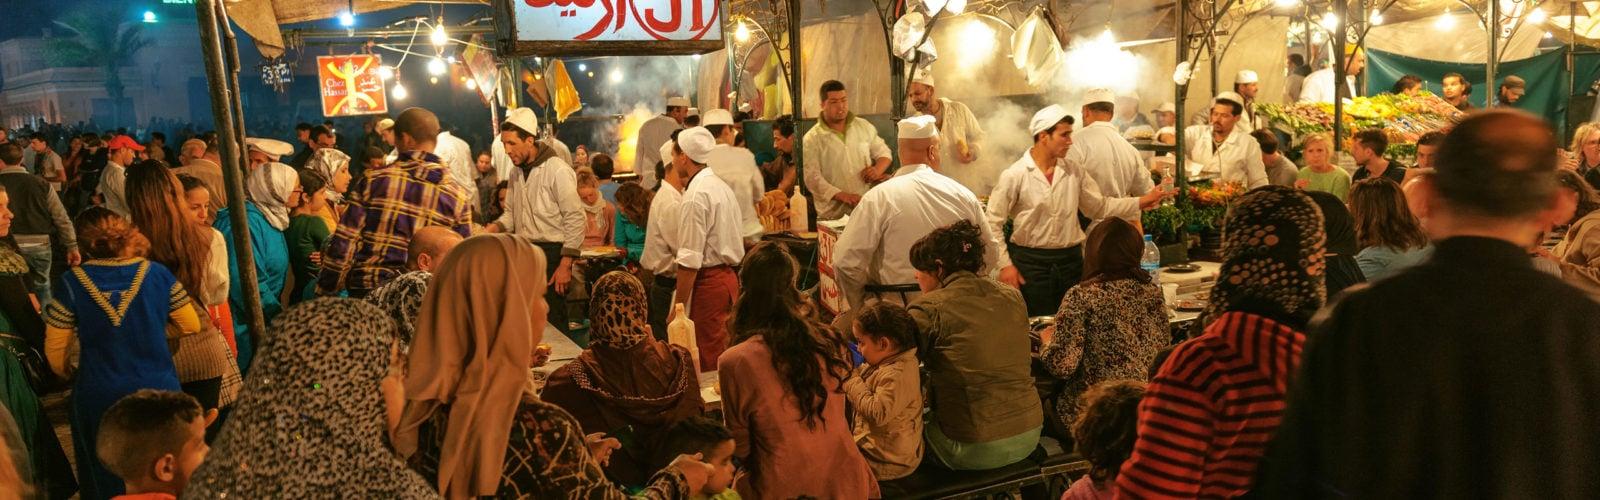 jemaa-el-fna-square-marrakech-morocco